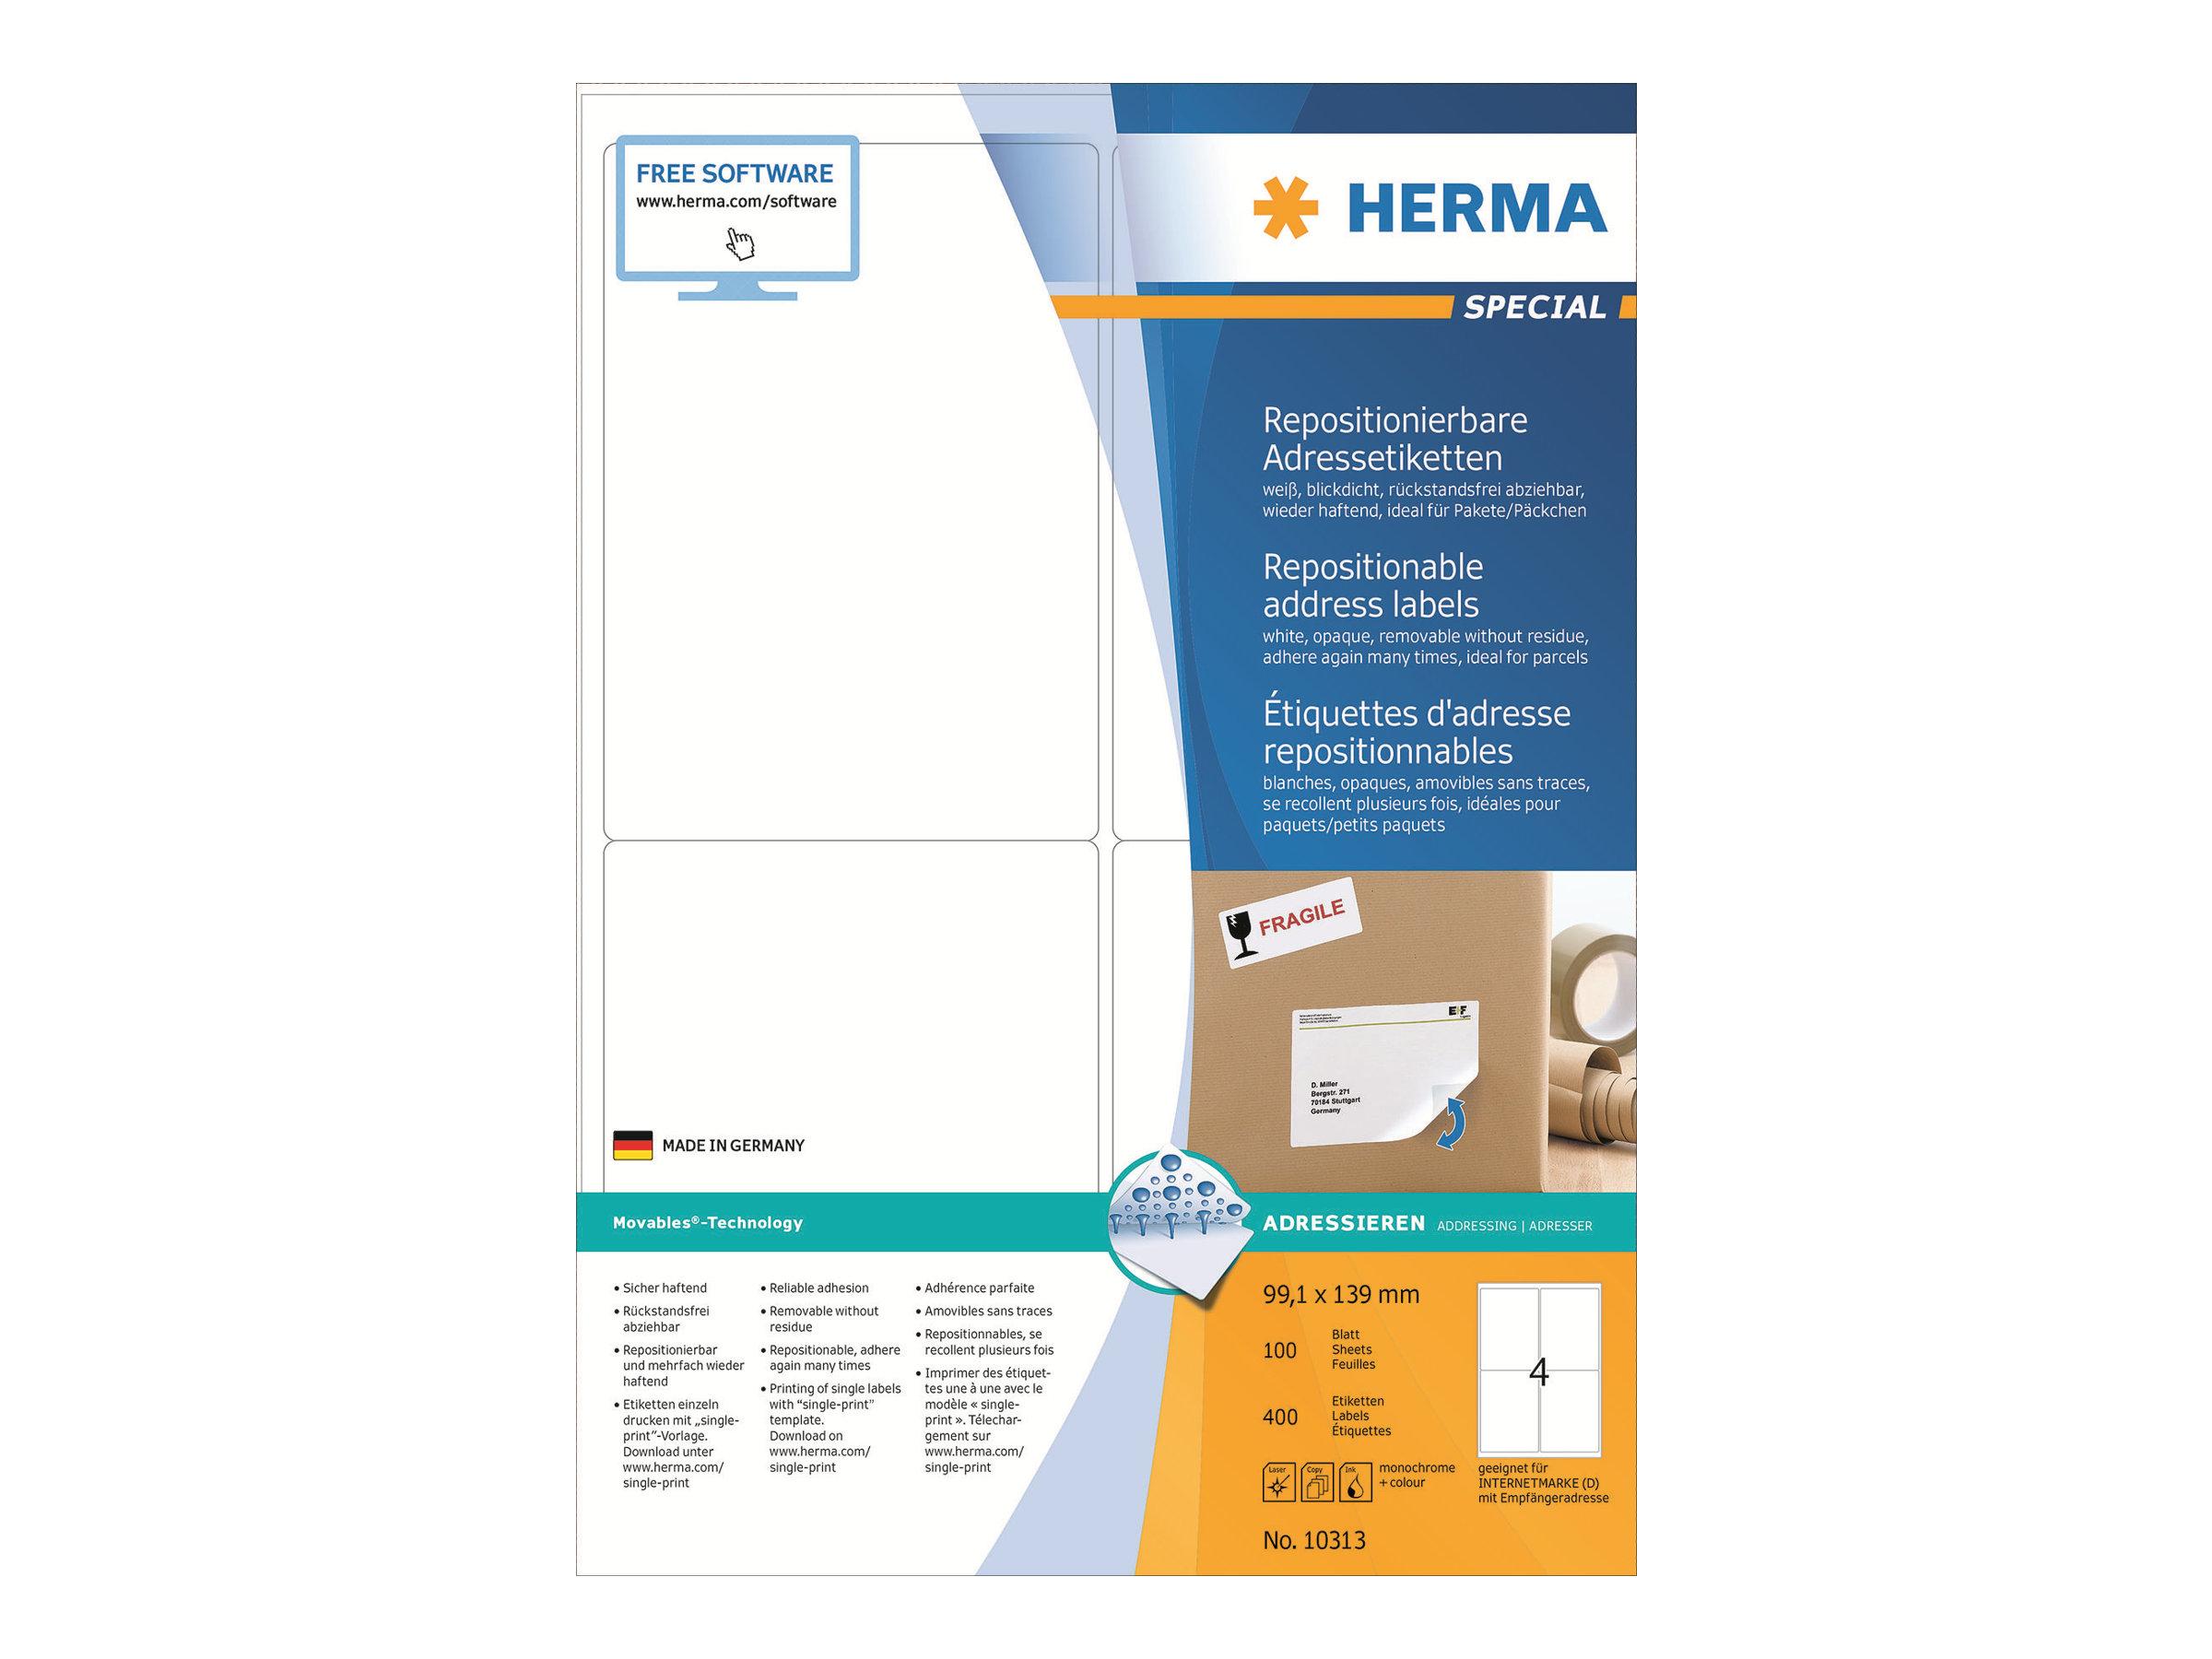 HERMA Special - Papier - matt - selbstklebend, neu positionierbar - weiß - 99.1 x 139 mm 400 Etikett(en) (100 Bogen x 4)